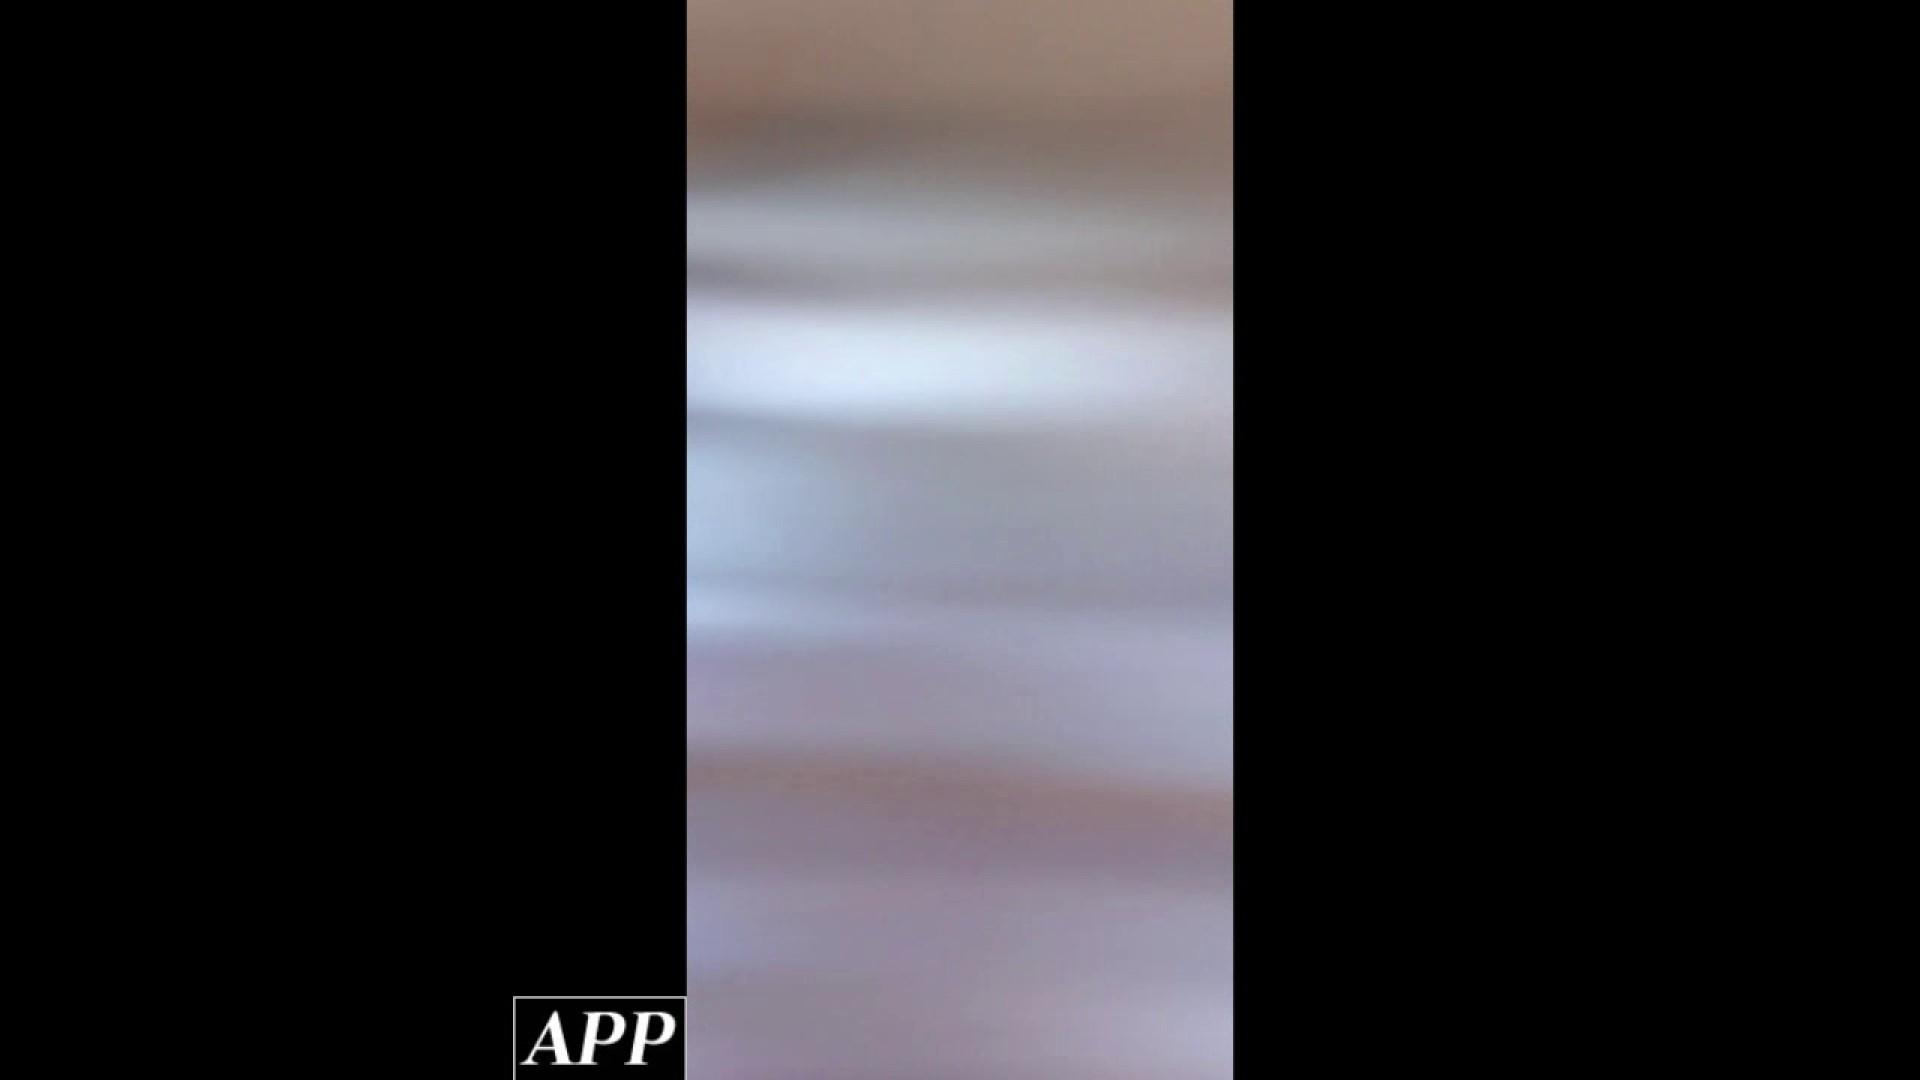 ハイビジョン盗撮!ショップ店員千人斬り!胸チラ編 vol.94 盗撮 のぞき動画画像 109PICs 38